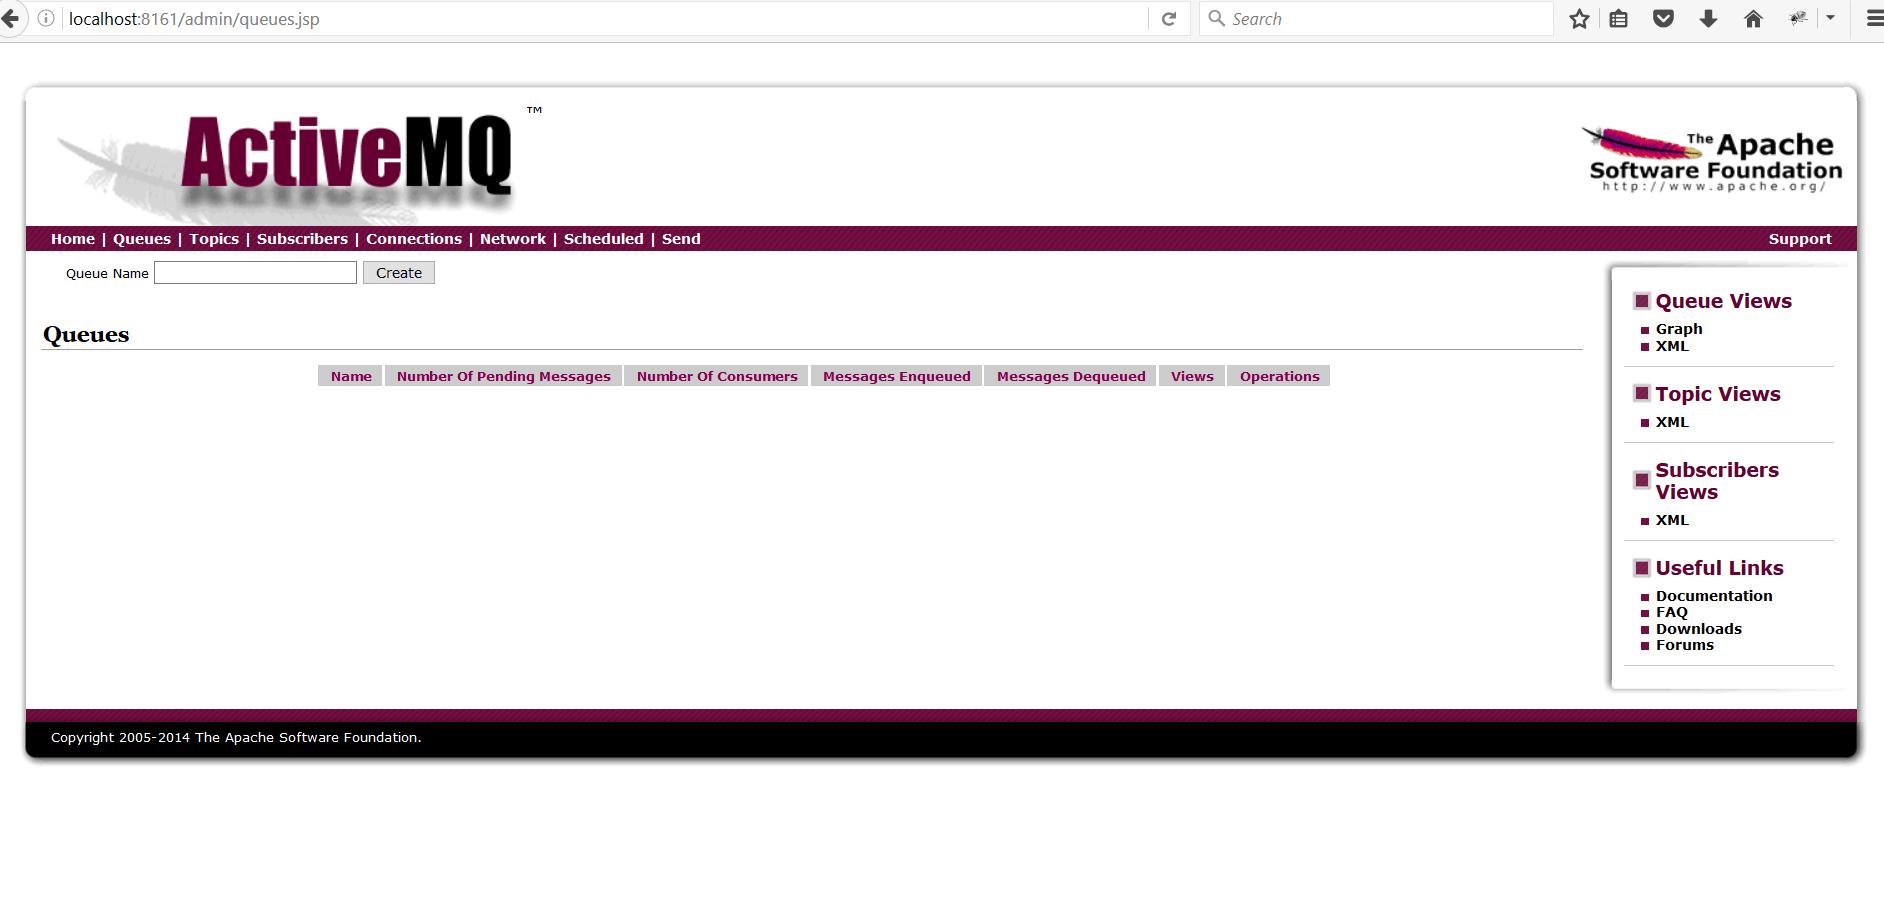 activemq-queues